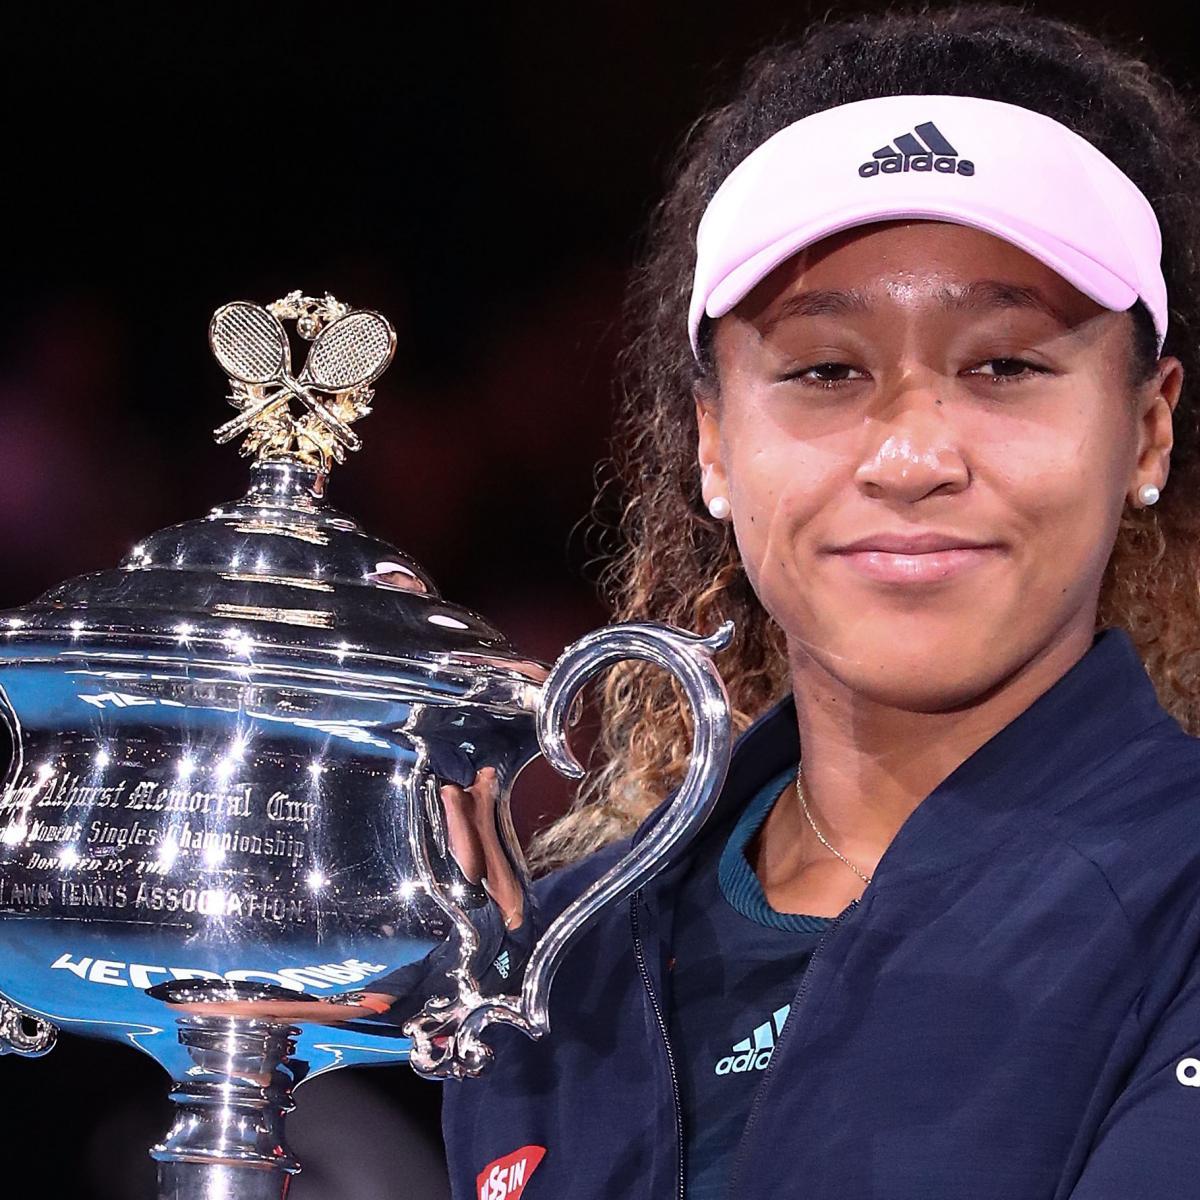 Australian Open 2019 Results: Women's Final Score And Men